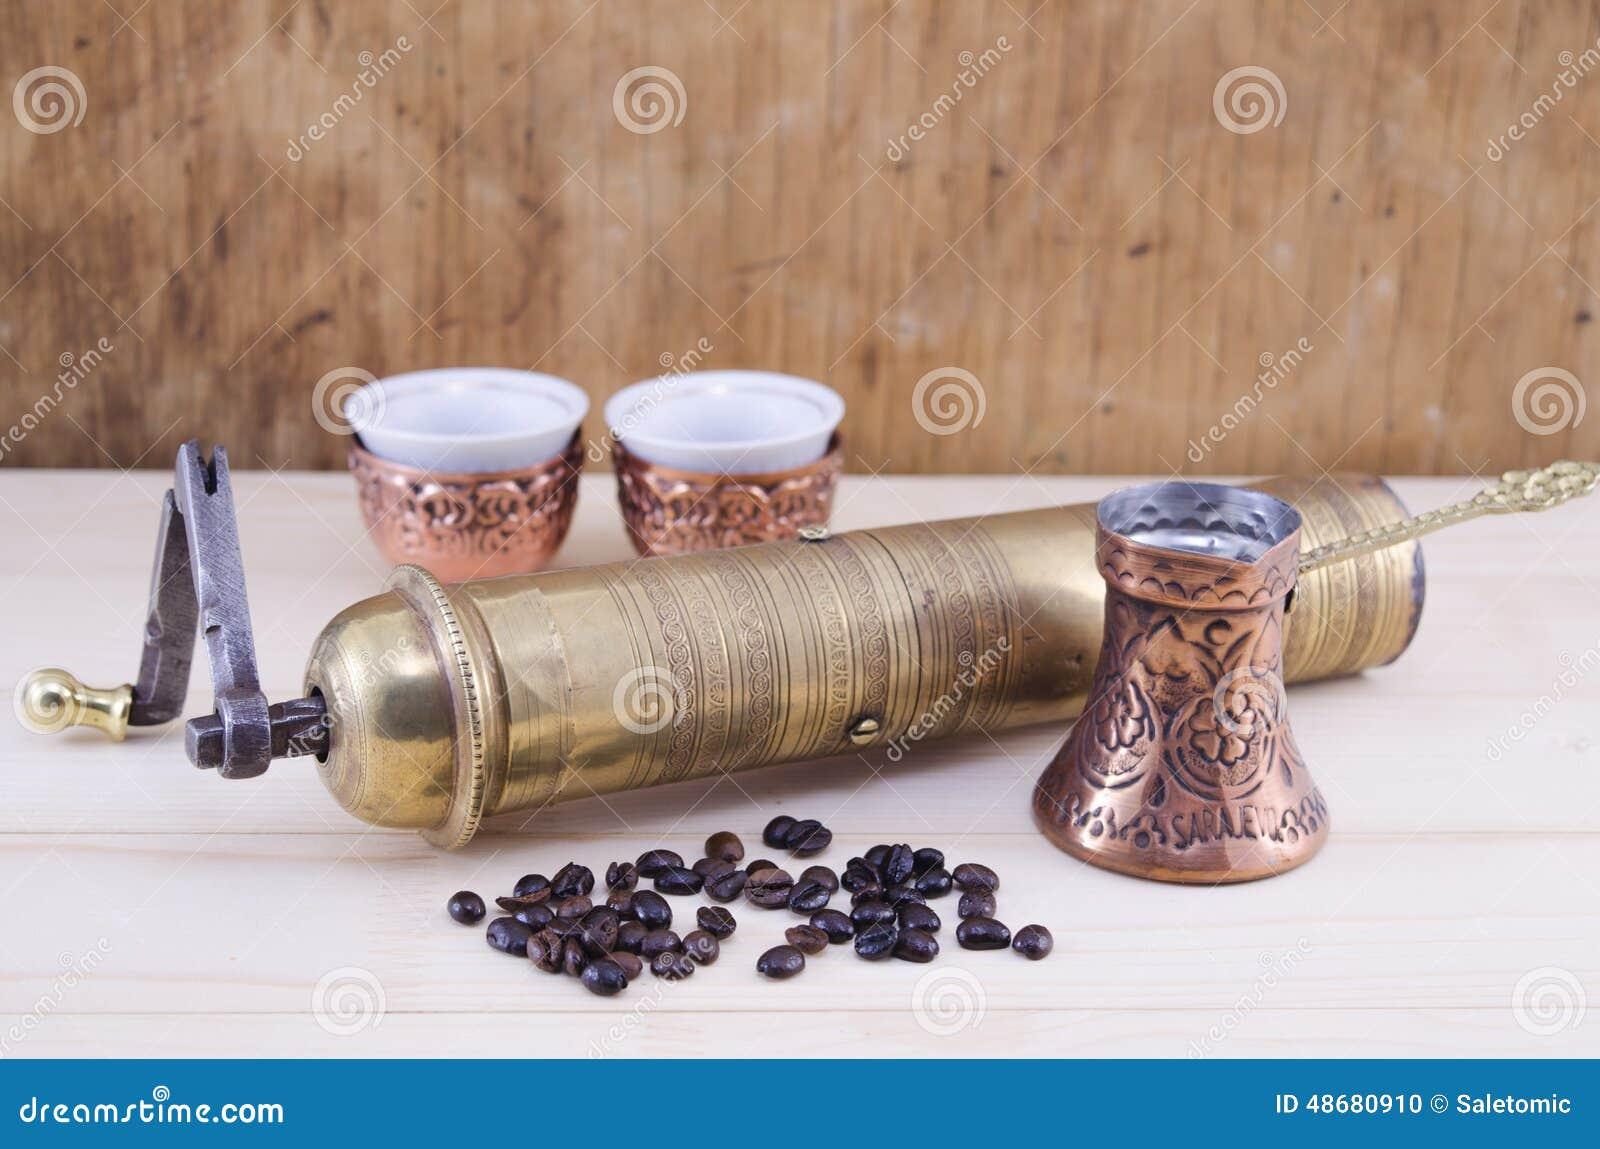 Retro macinacaff e un insieme di caff turco fotografia for Mobilia e un insieme di